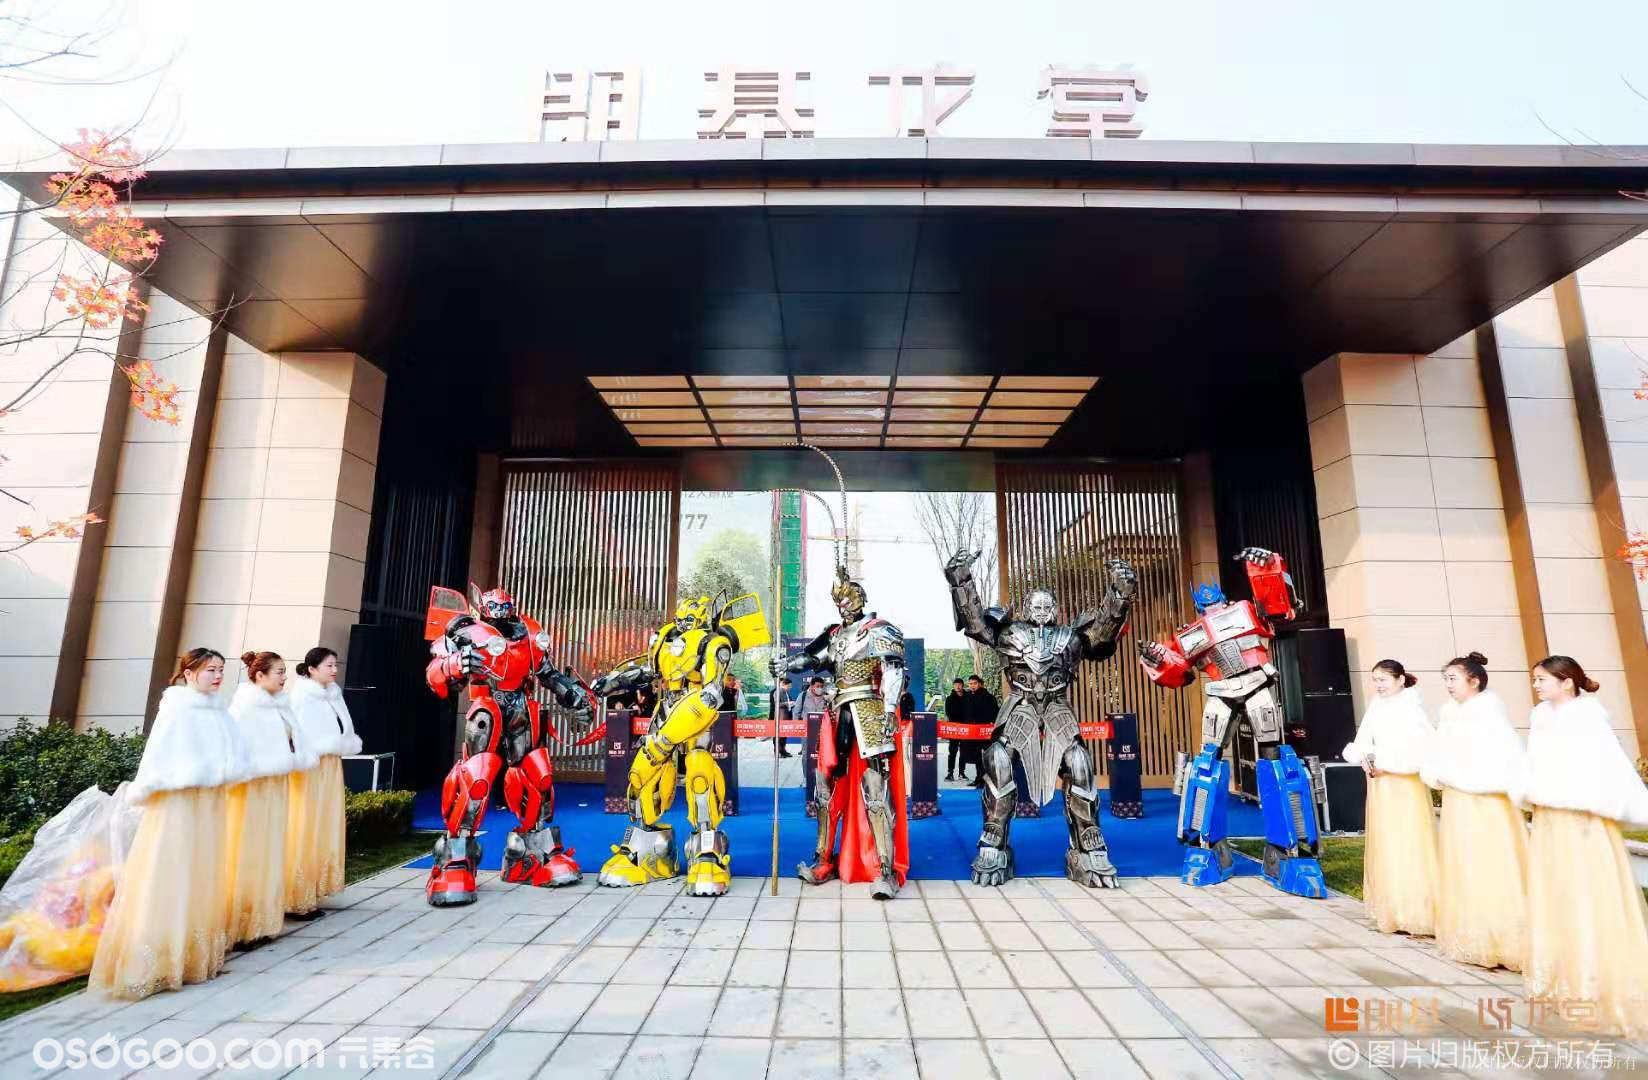 机器人模型、变形金刚服装、语音机器人等道具租赁